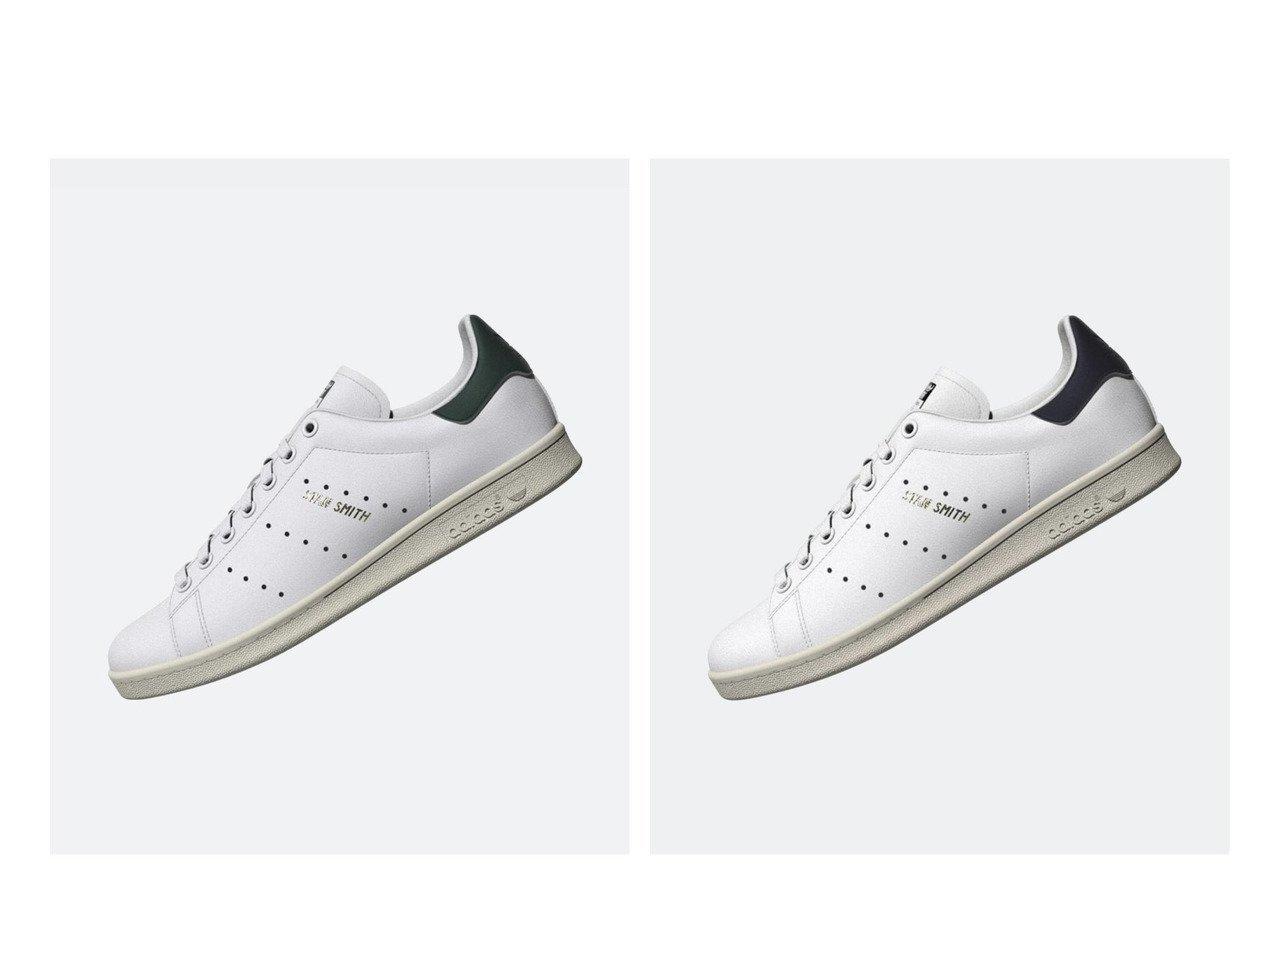 【adidas / MEN/アディダス】の【adidas】STAN SMITH PRIMEGREEN 【MEN】男性のおすすめ!人気トレンド・メンズファッションの通販 おすすめファッション通販アイテム インテリア・キッズ・メンズ・レディースファッション・服の通販 founy(ファニー)  ファッション Fashion メンズファッション MEN シューズ・靴 Shoes Men スニーカー Sneakers シューズ スタンダード スニーカー スリッポン トレンド ラバー NEW・新作・新着・新入荷 New Arrivals |ID:crp329100000013219